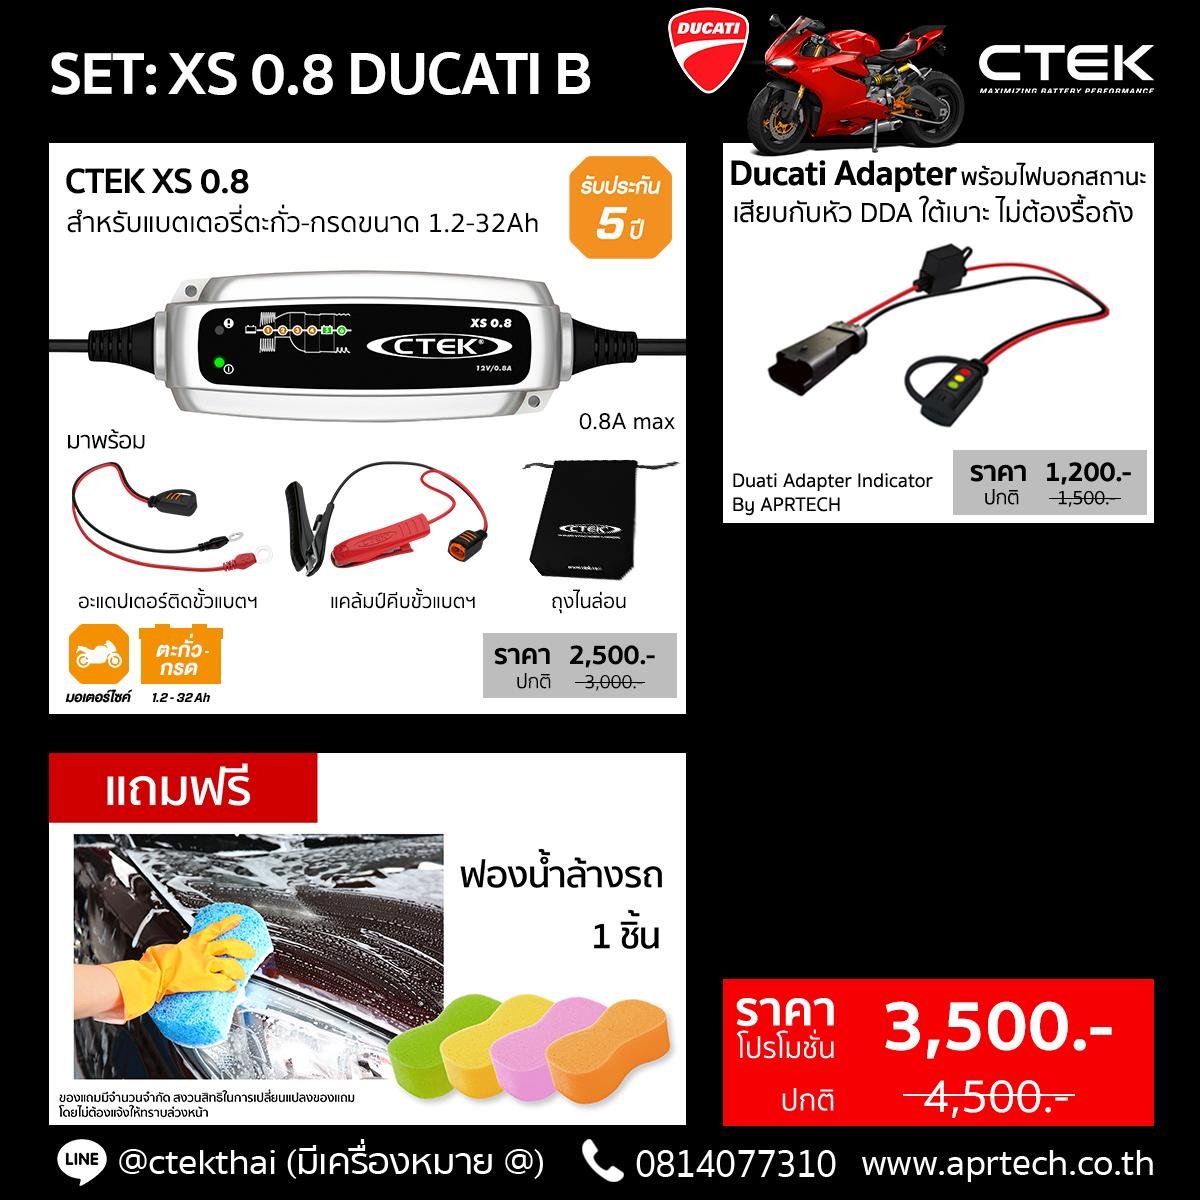 SET XS 0.8 Ducati B (CTEK XS 0.8 + Ducati DDA Adapter)